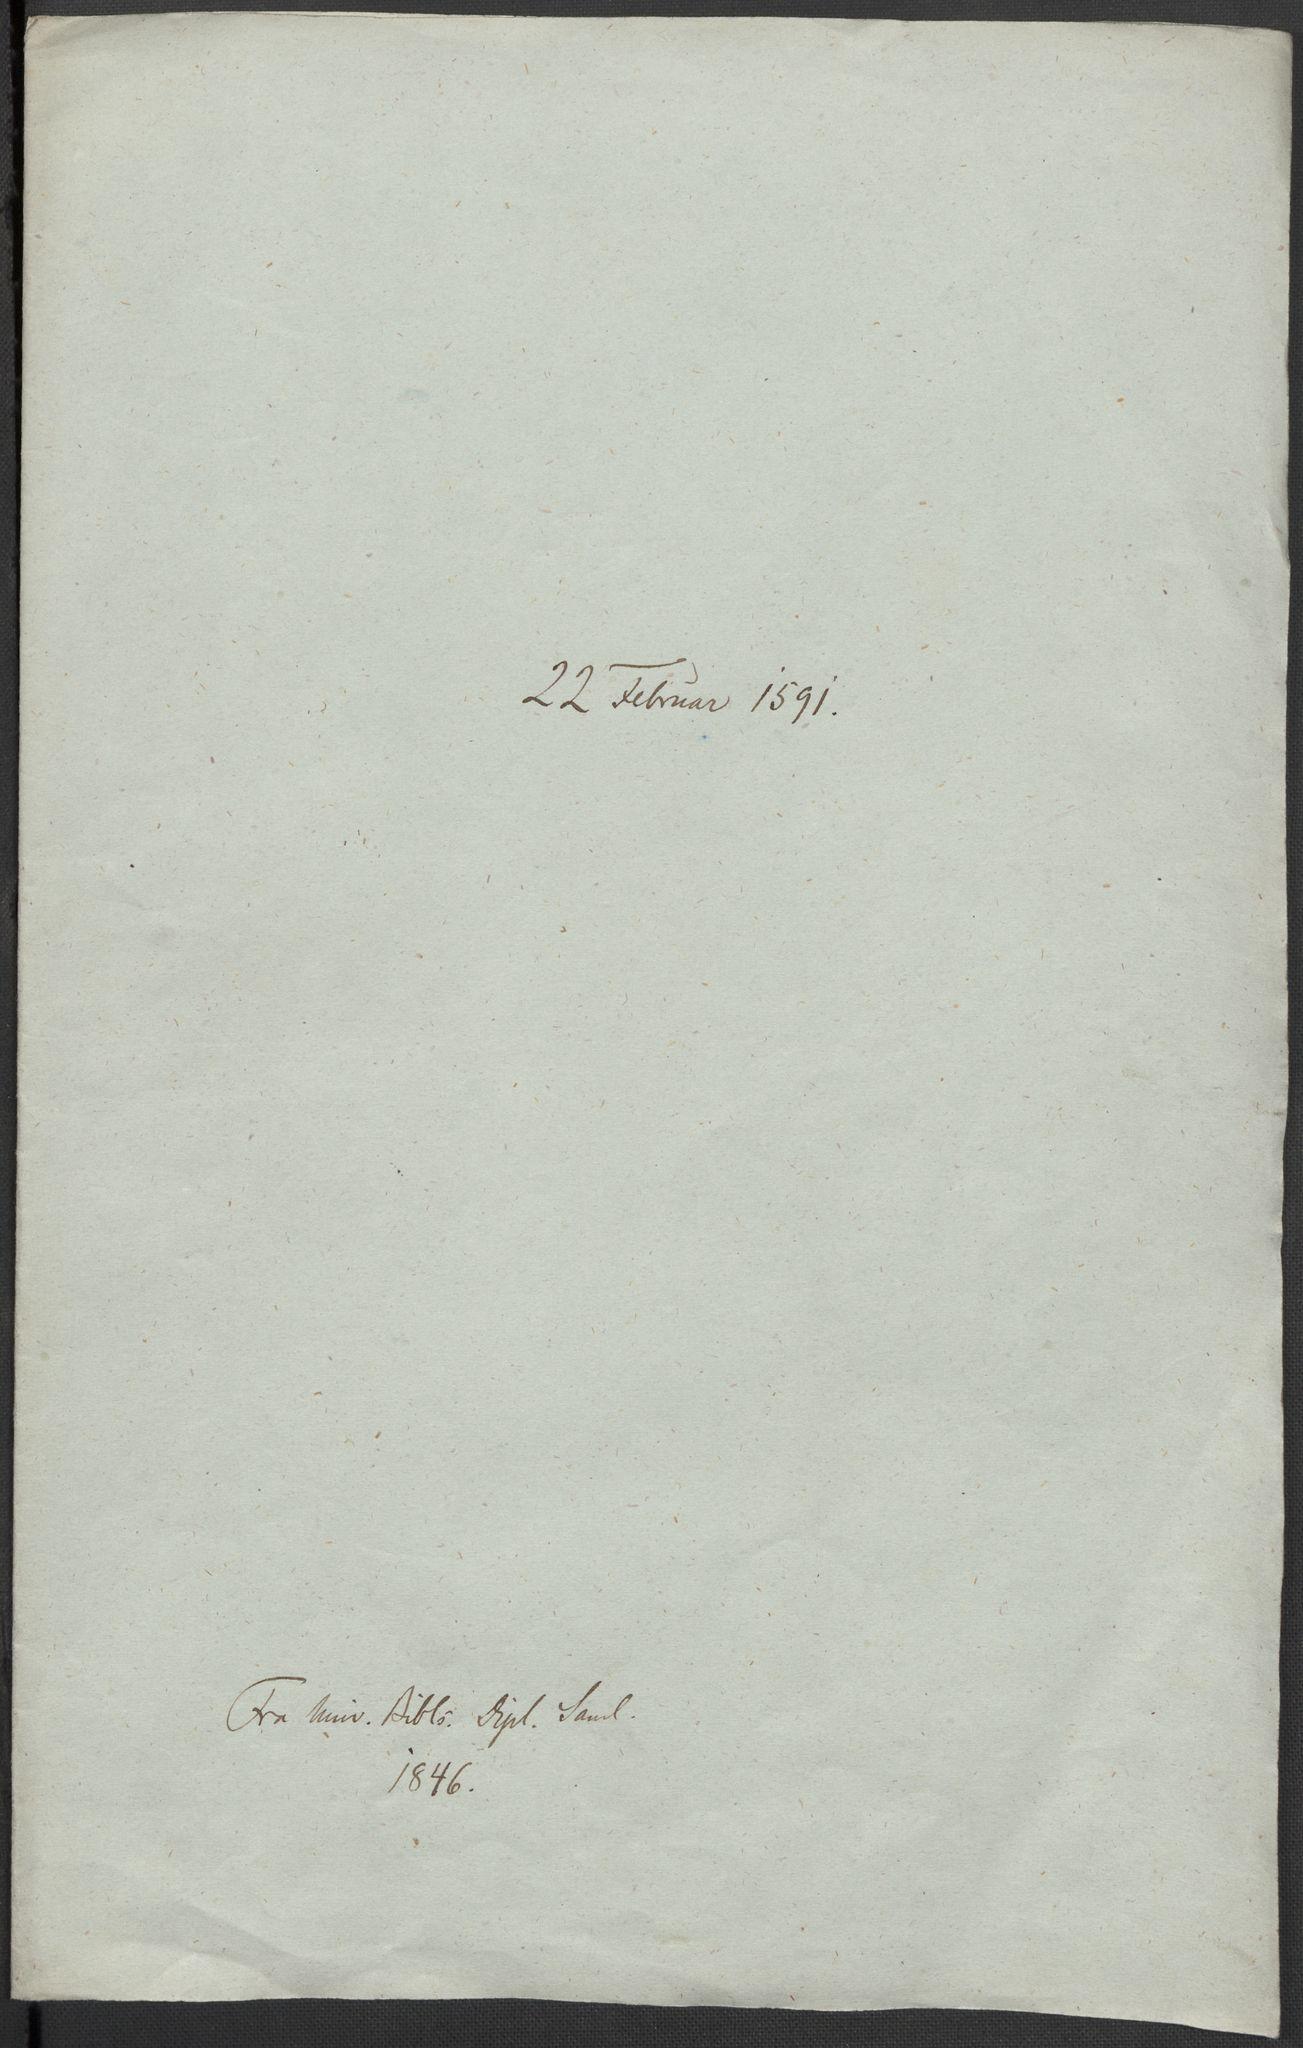 RA, Riksarkivets diplomsamling, F02/L0093: Dokumenter, 1591, s. 37